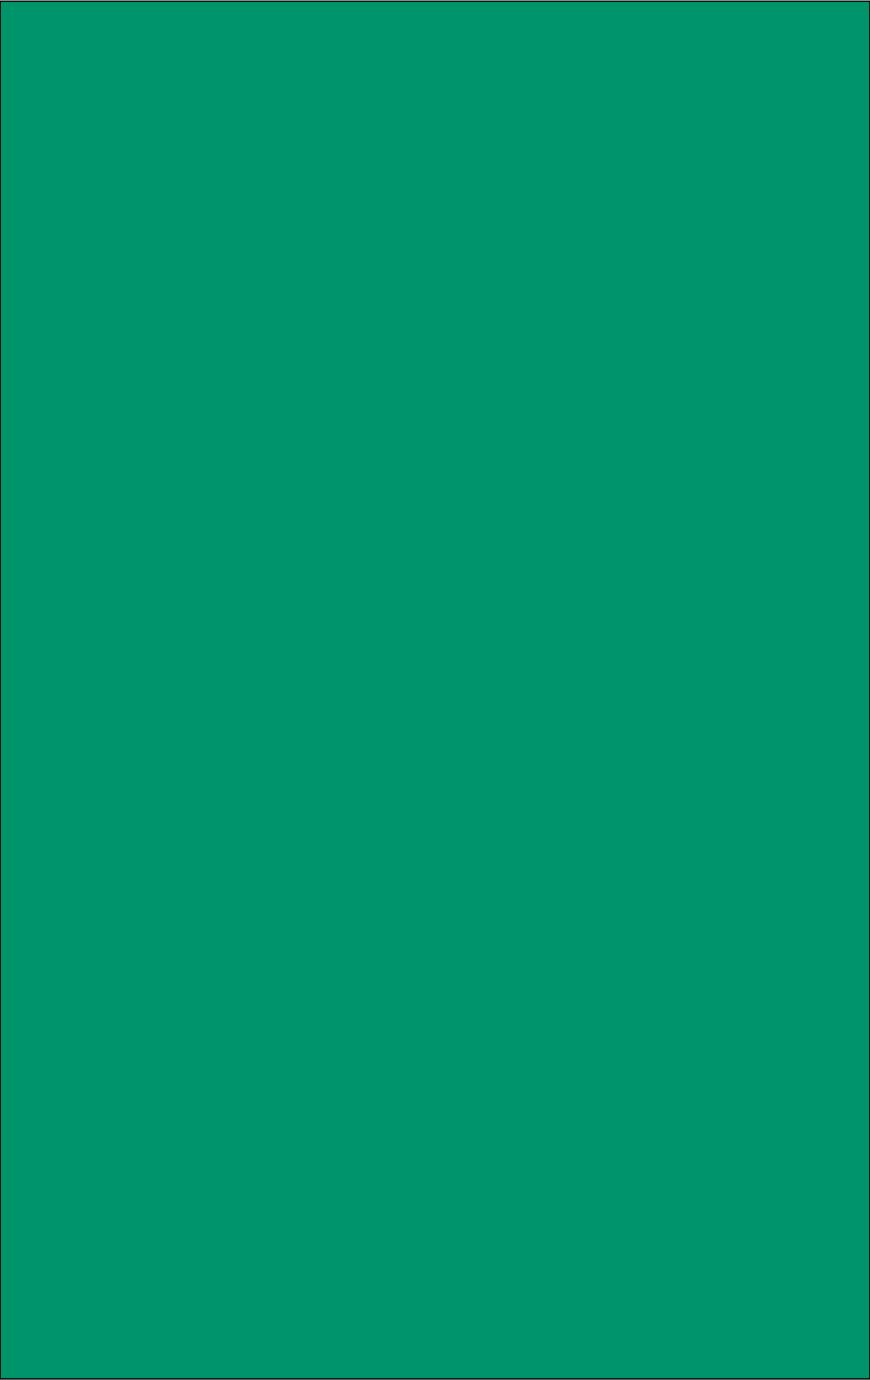 Garza Verde - Green Heron